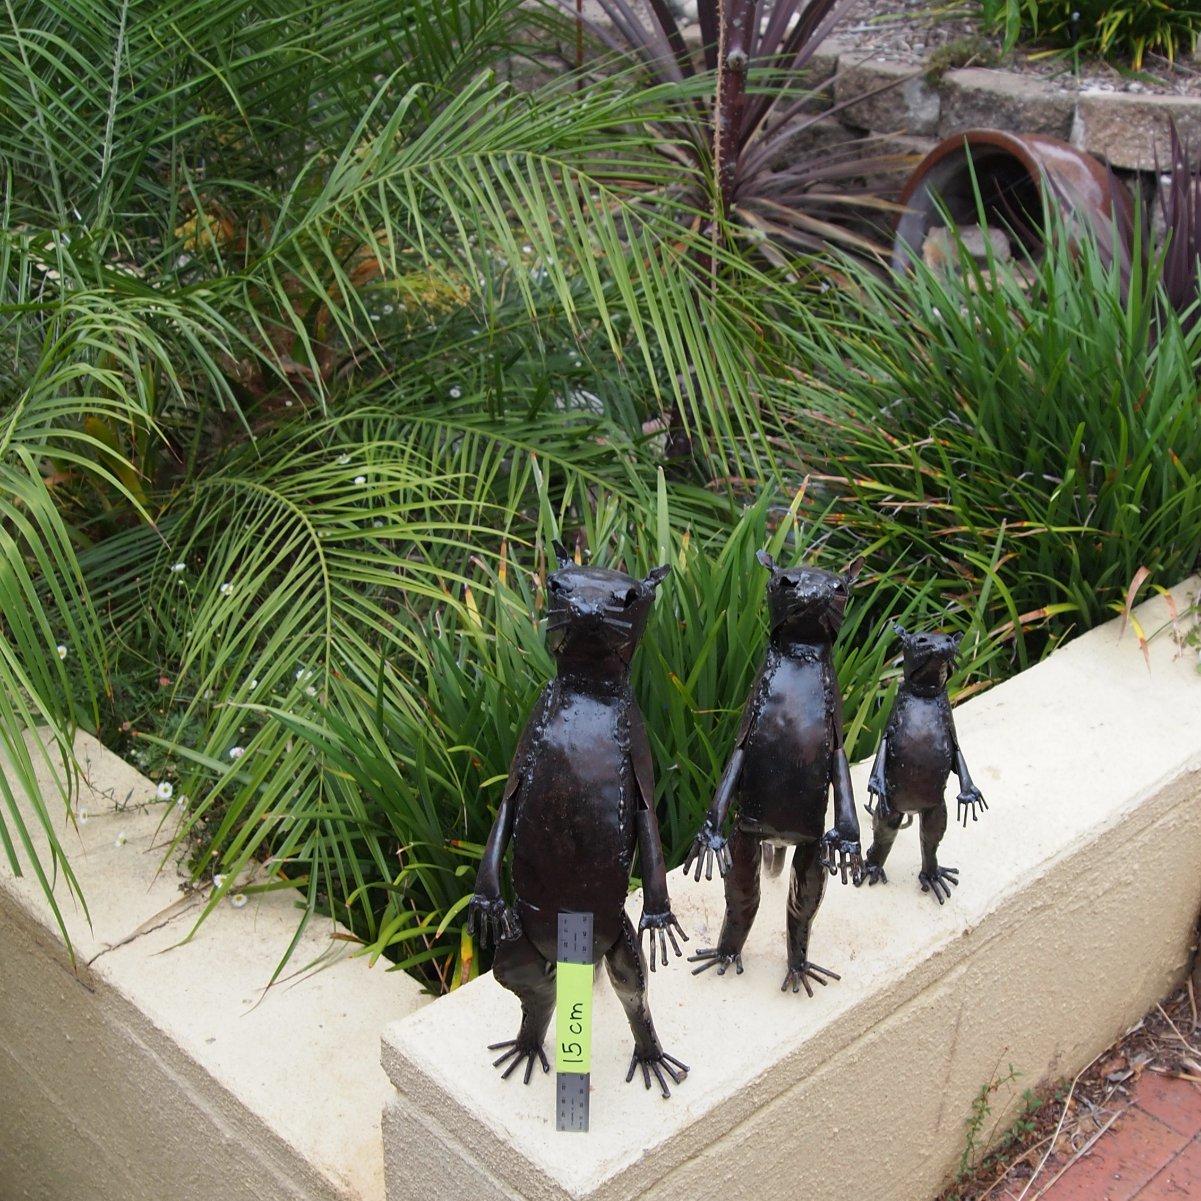 Garden Of Art: Family Of Meerkats